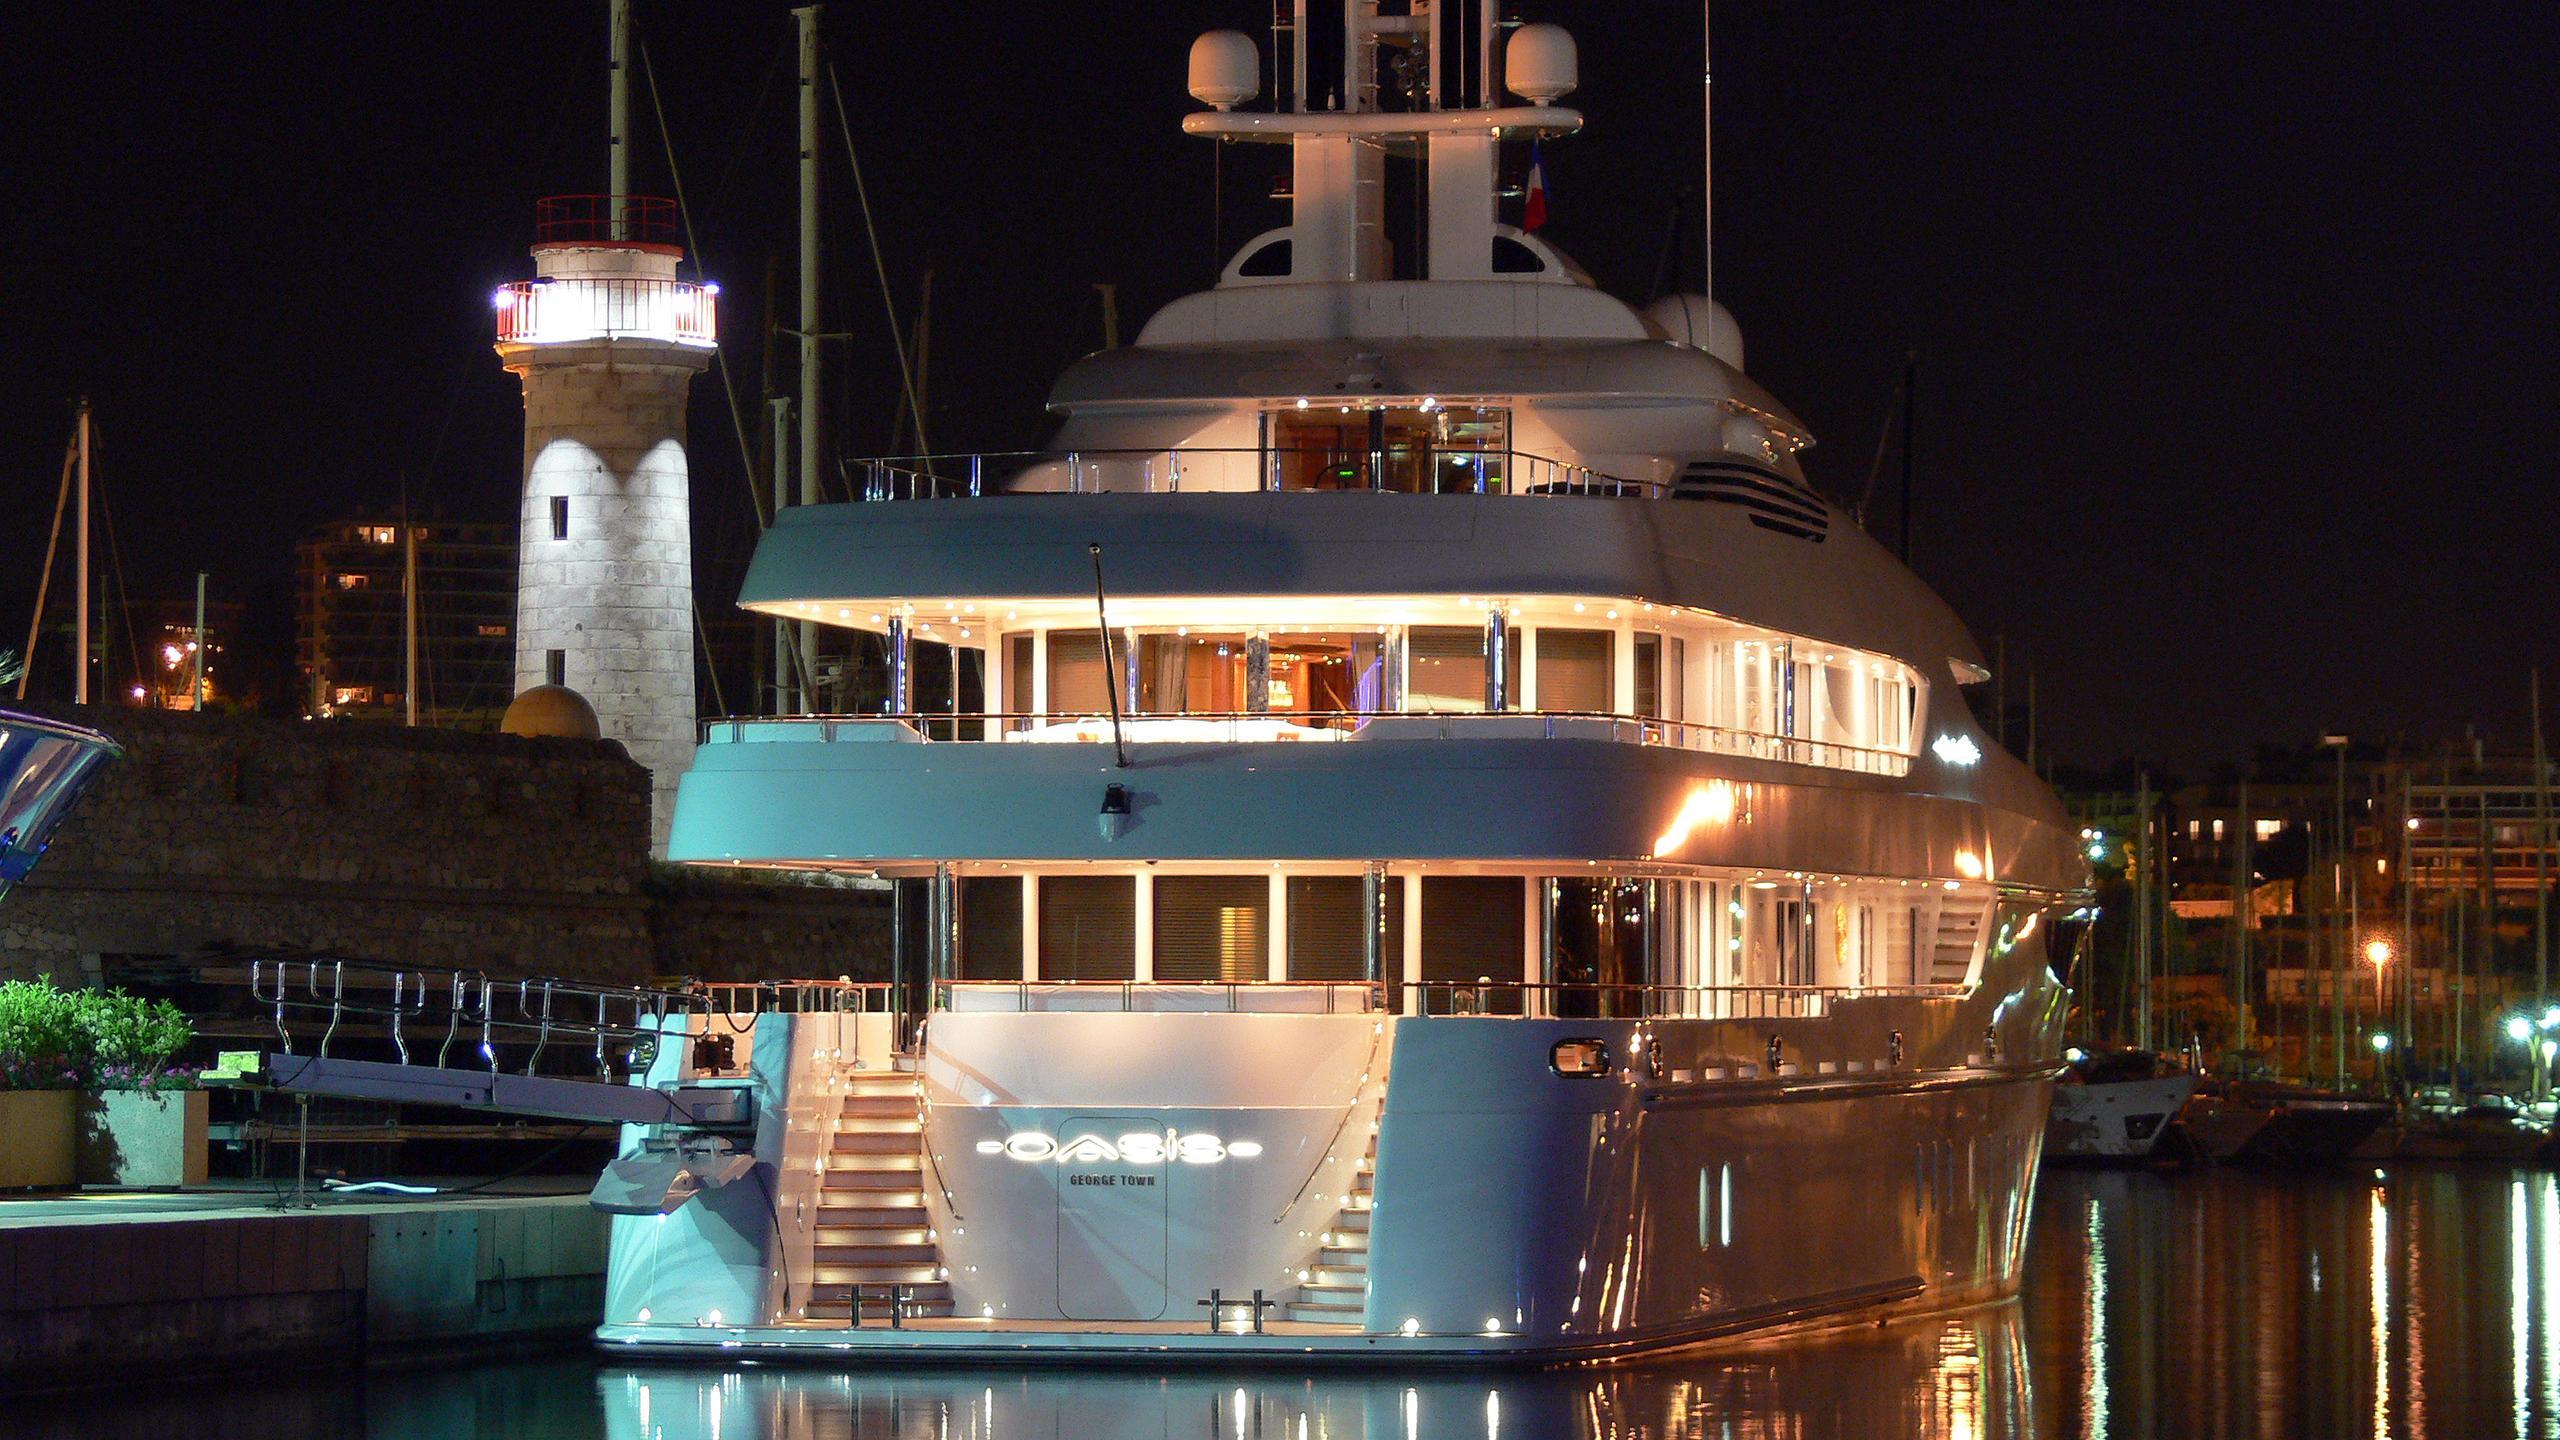 oasis-motor-yacht-lurssen-2006-60m-stern-by-night